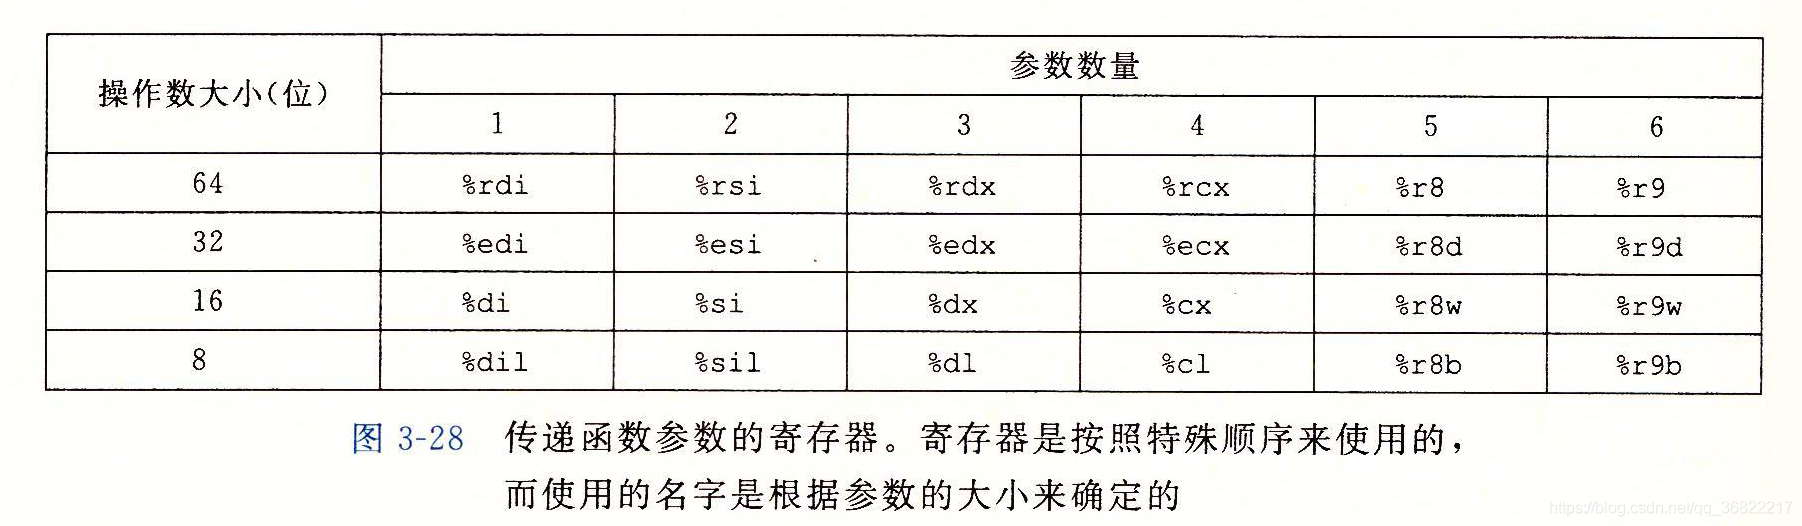 传递函数参数的寄存器